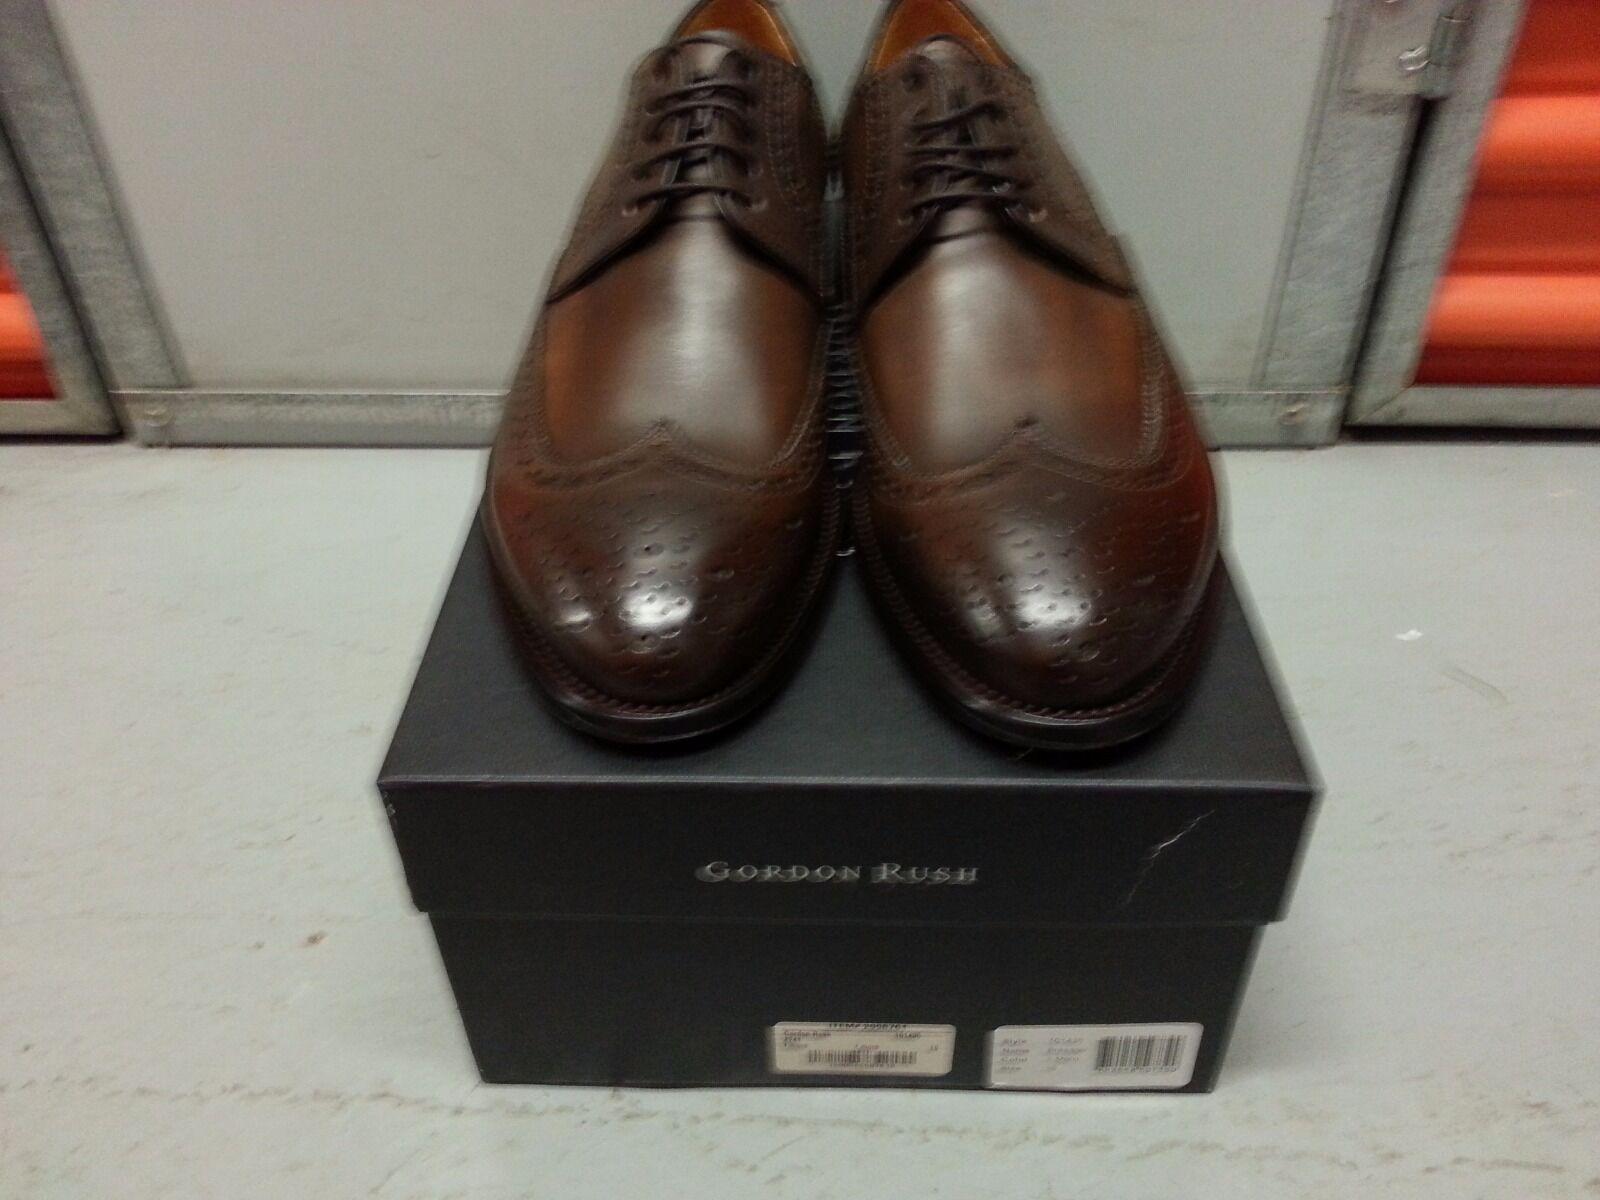 sconto prezzo basso Gordon Rush Rush Rush Brewster Wingtip scarpe (T. More) 2998761-101435 - Dimensione US10 (EU43)  ci sono più marche di prodotti di alta qualità